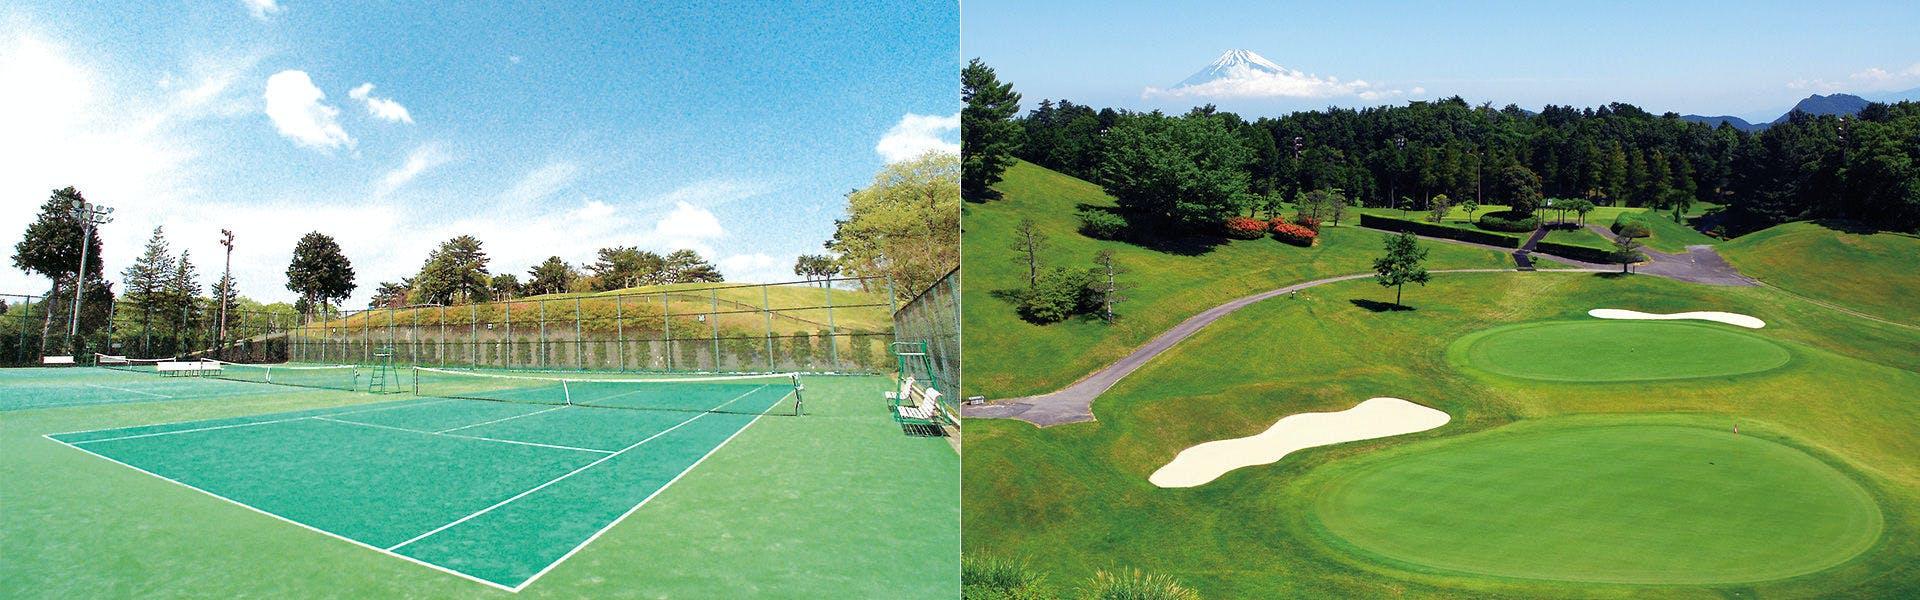 ゴルフコース、テニスコース